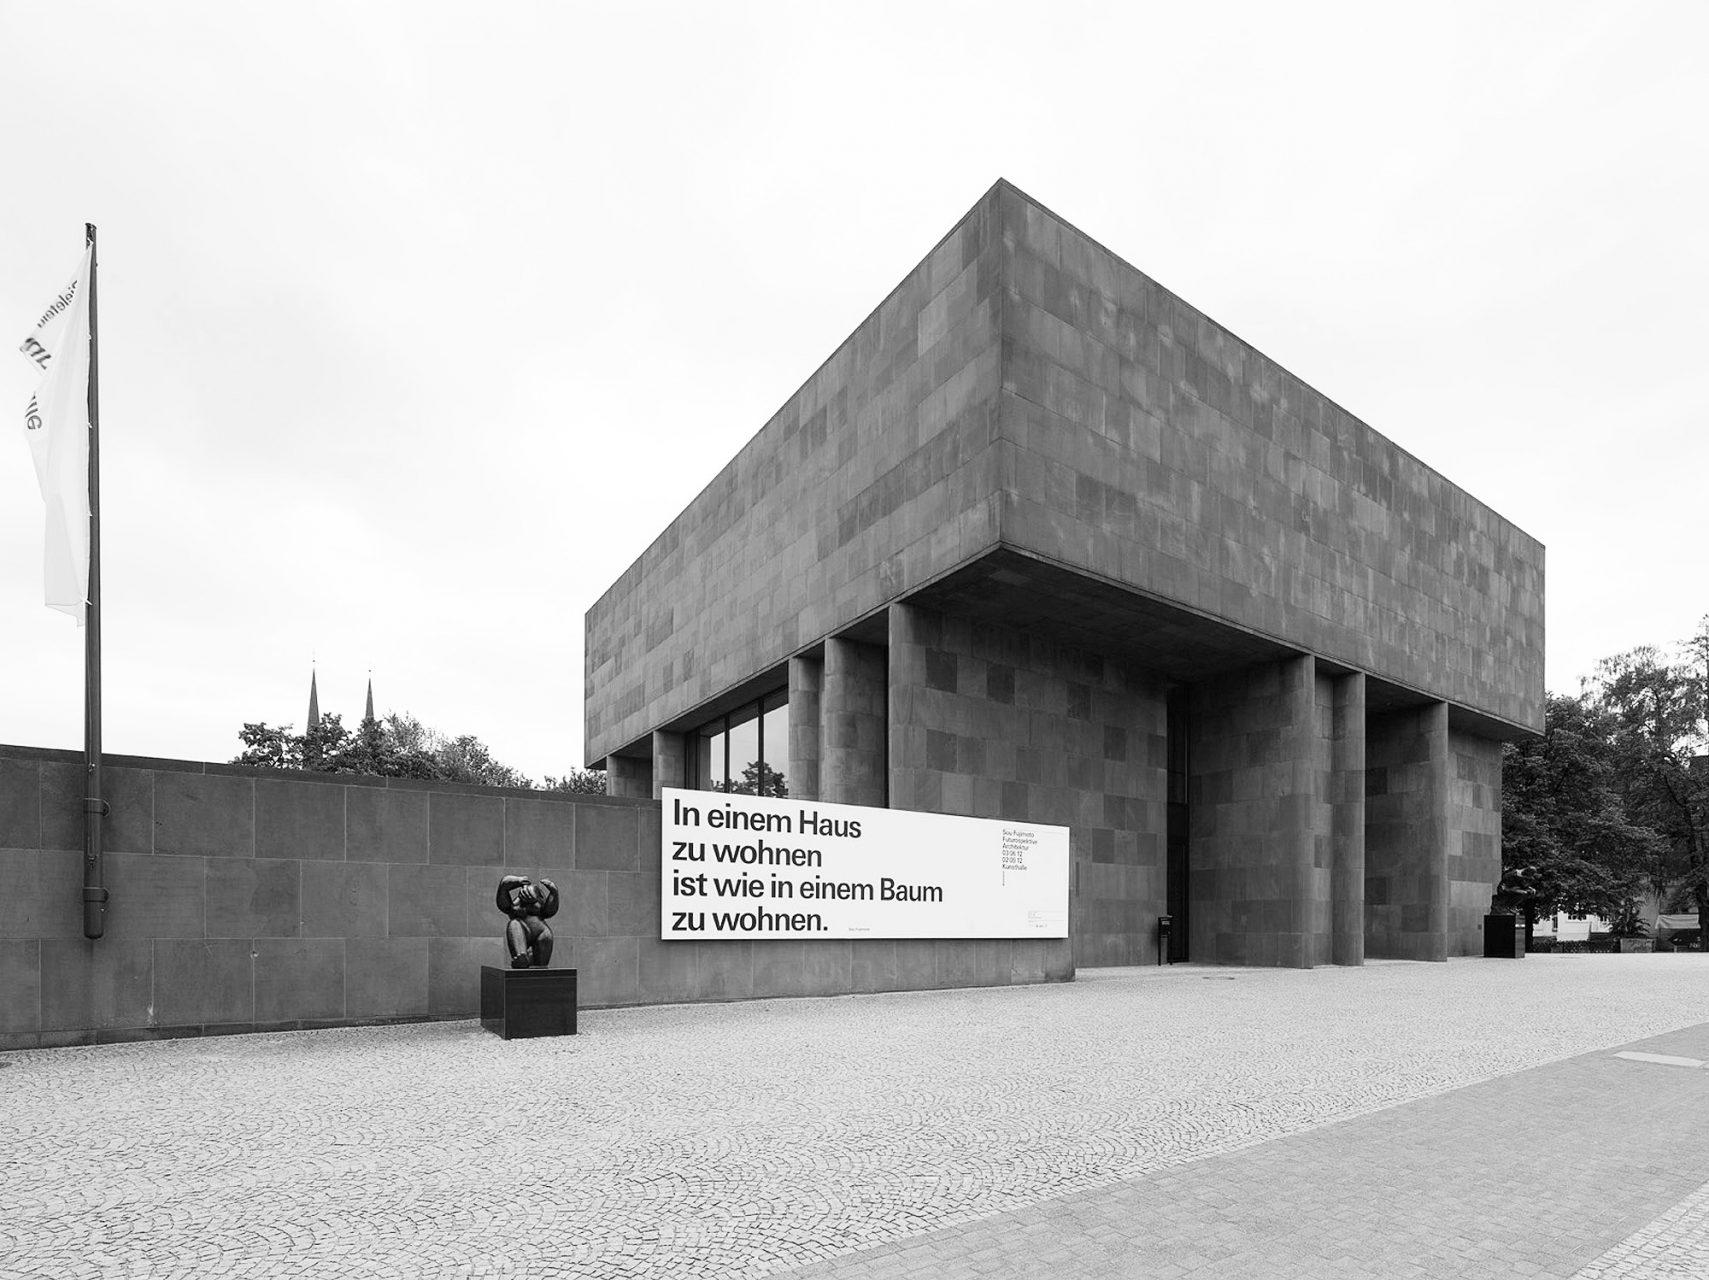 Das Werk.  Die Kunsthalle Bielefeld ist der einzige europäische Museumsbau des amerikanischen Architekten und zählt zu den bedeutendsten deutschen Museumsarchitekturen der Nachkriegszeit.